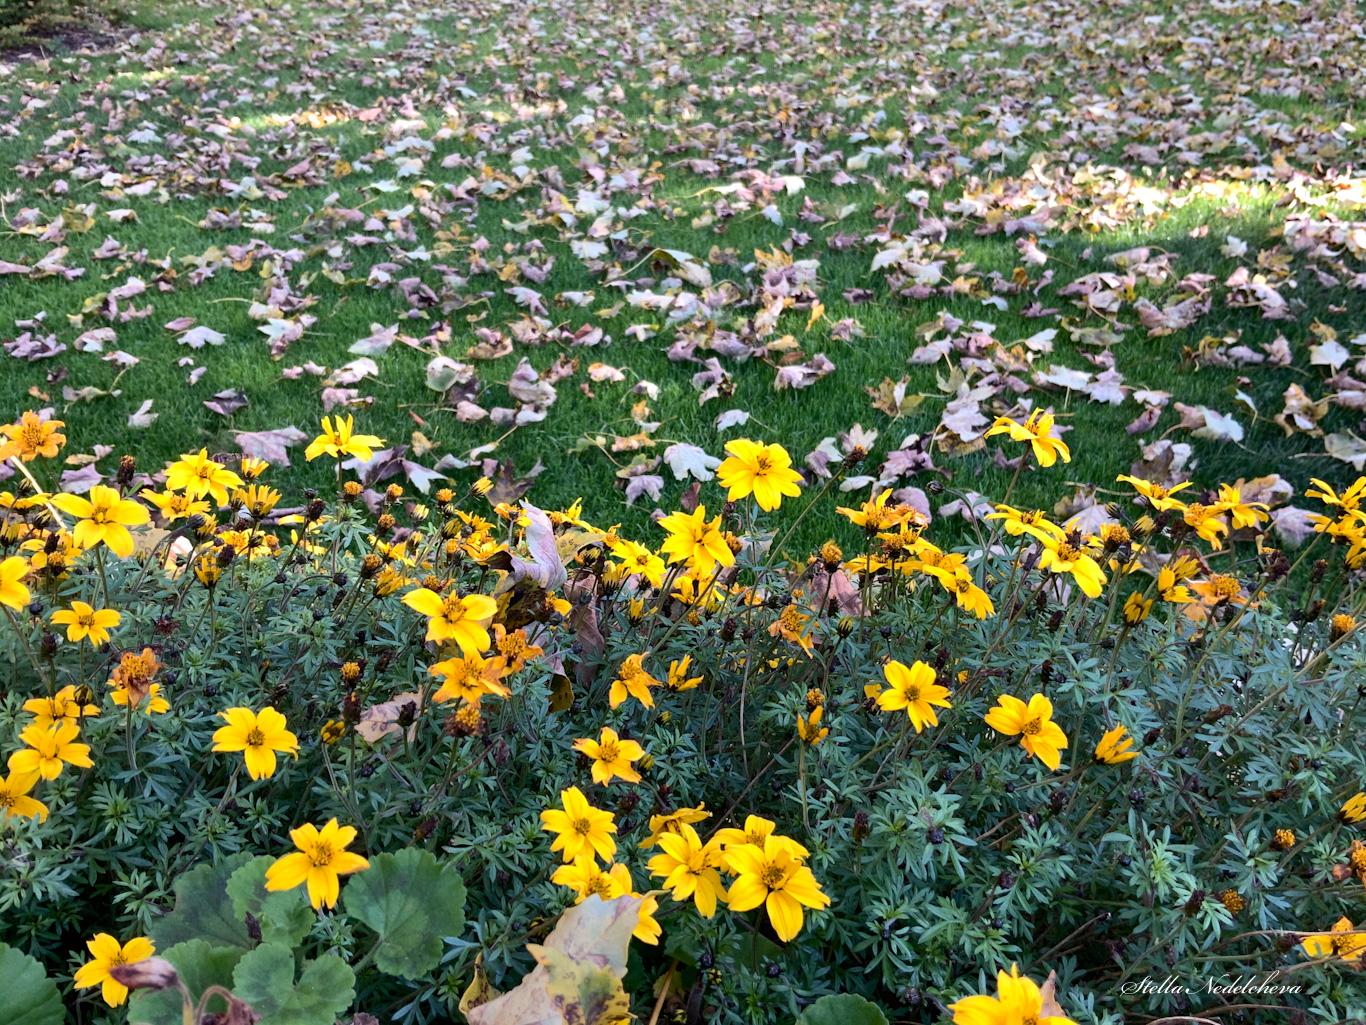 Fleurs jaunes et feuilles d'automne